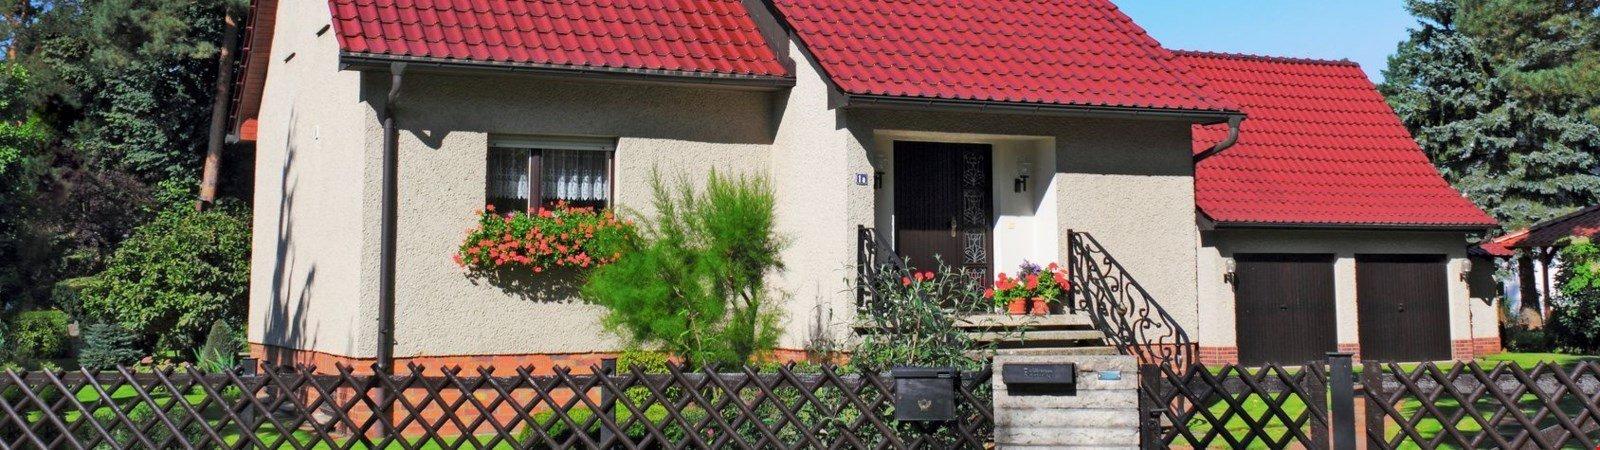 Die Heizung im Einfamilienhaus: Maßgeschneidert heizen und sparen